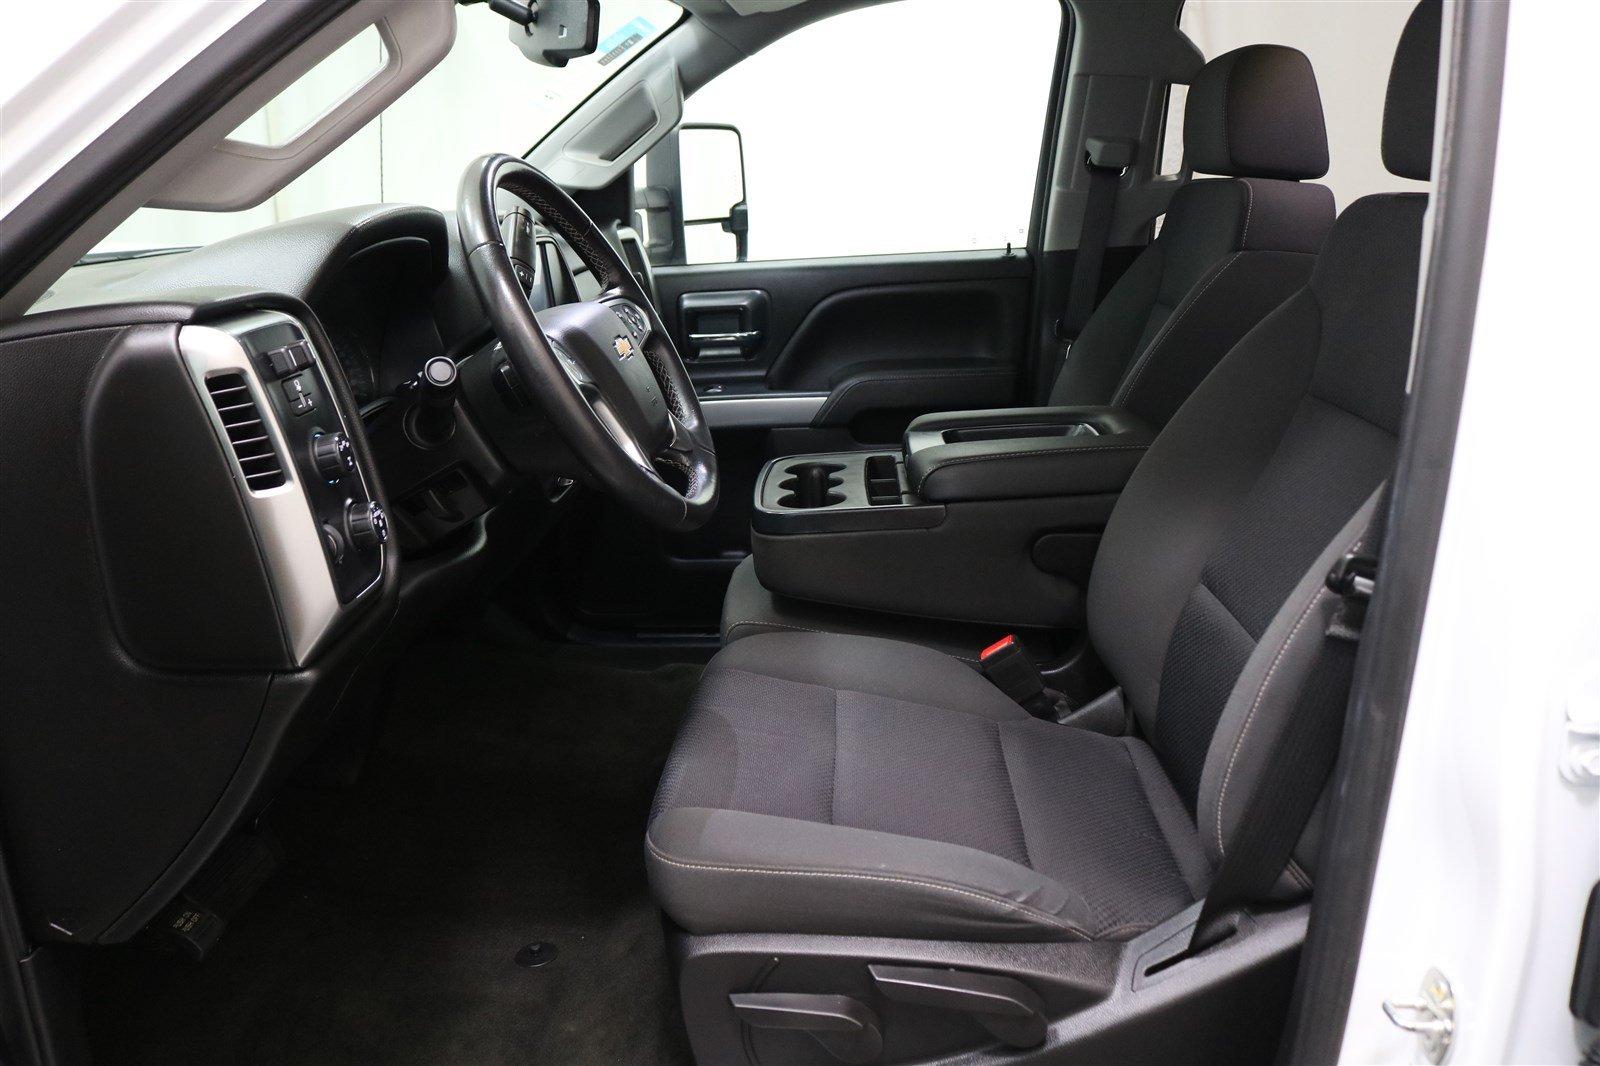 Used 2018 Chevrolet Silverado 2500HD For Sale | Wichita KS